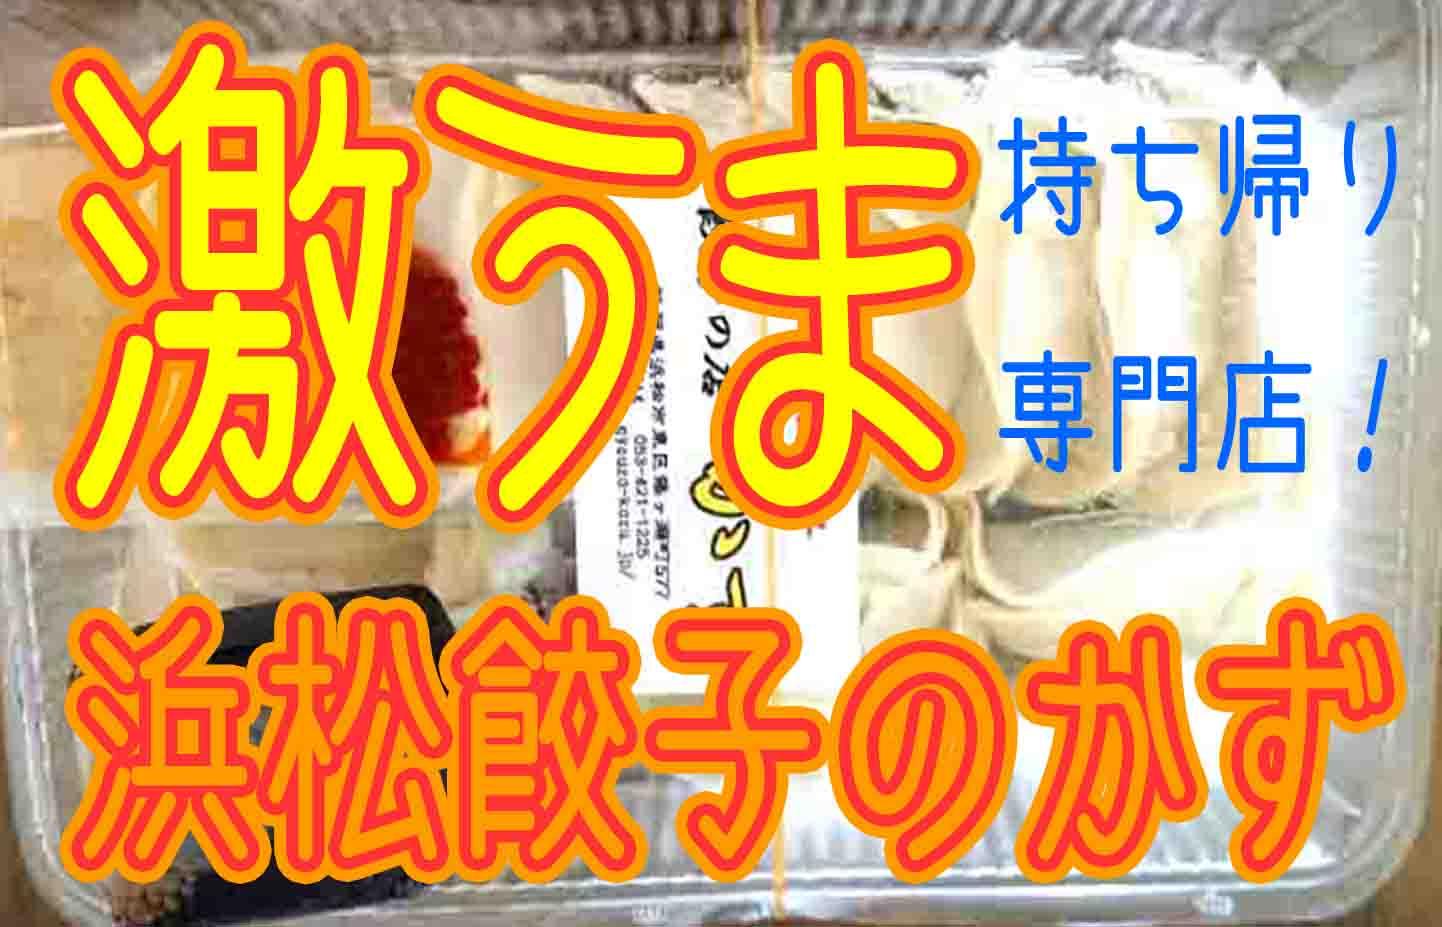 浜松餃子のかずは持ち帰り専門店!安くて美味しい餃子をテイクアウトで満喫